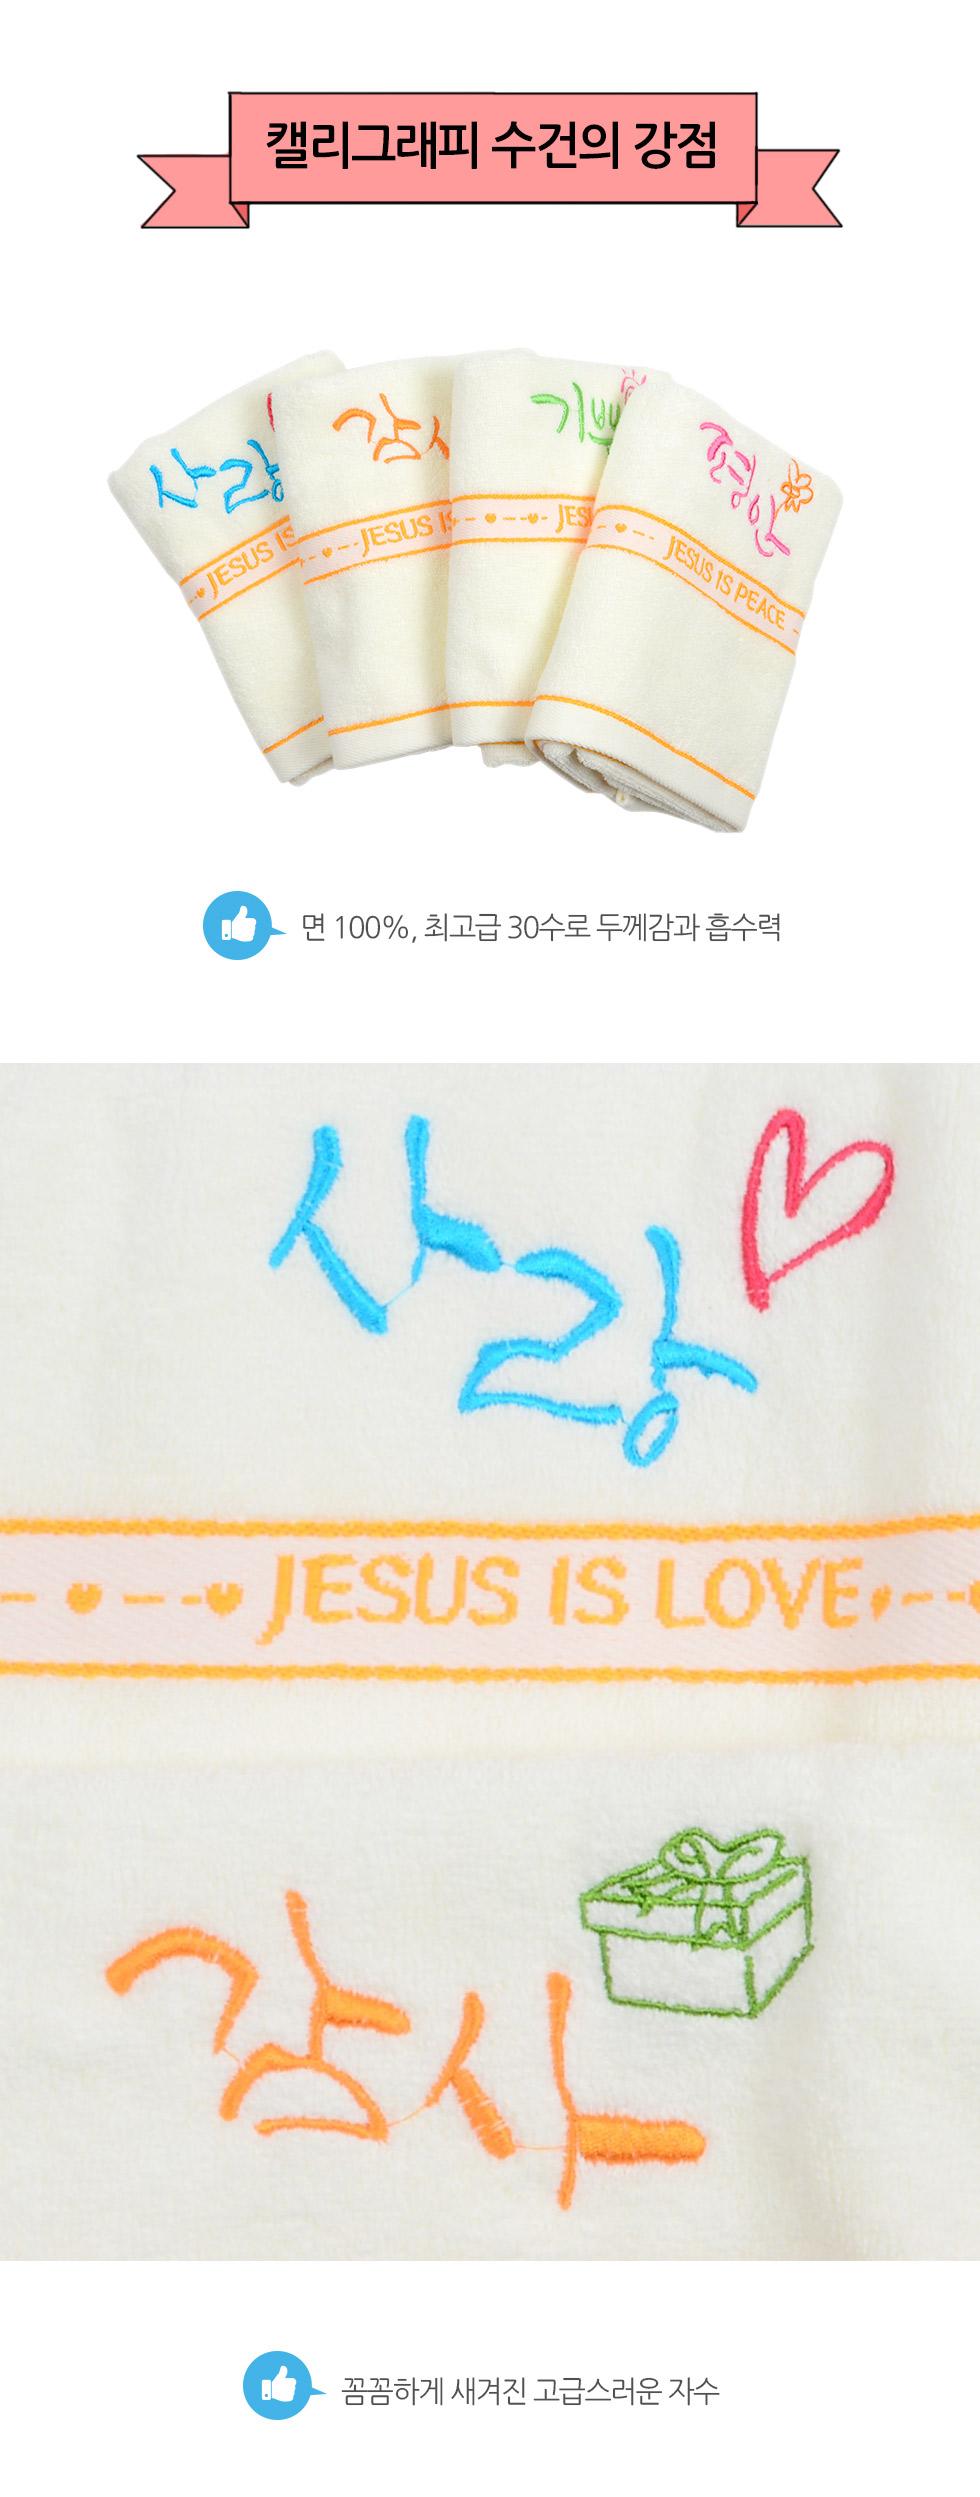 캘리그래피 수건 평안/기쁨/사랑/감사 캘리그래피 수건의 강점